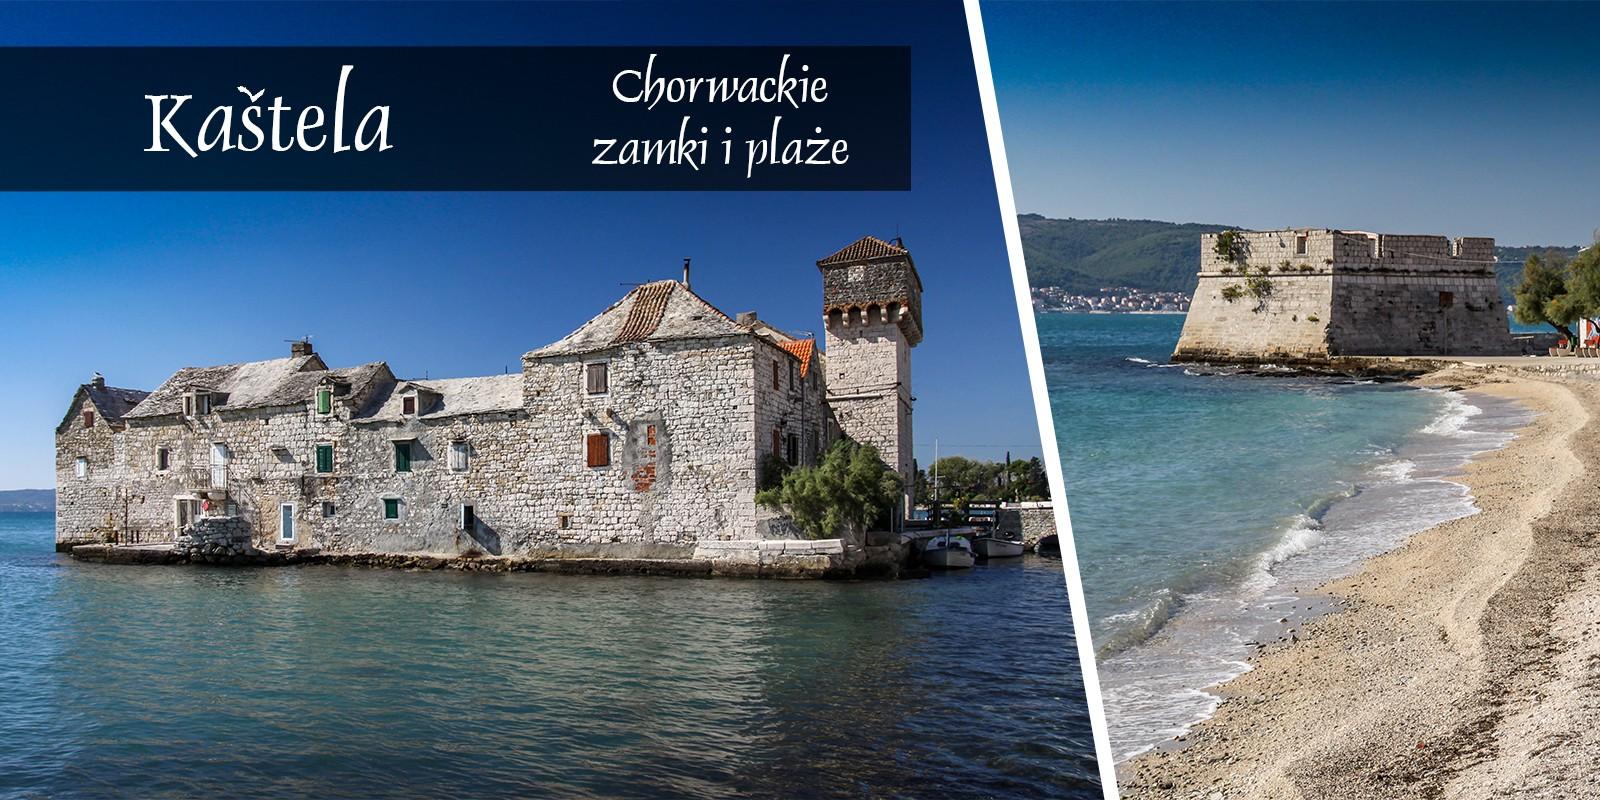 Kaštela Kastela Kasztela Chorwacja Plaże Atrakcje Historia Zamki Zwiedzanie Co Zobaczyć